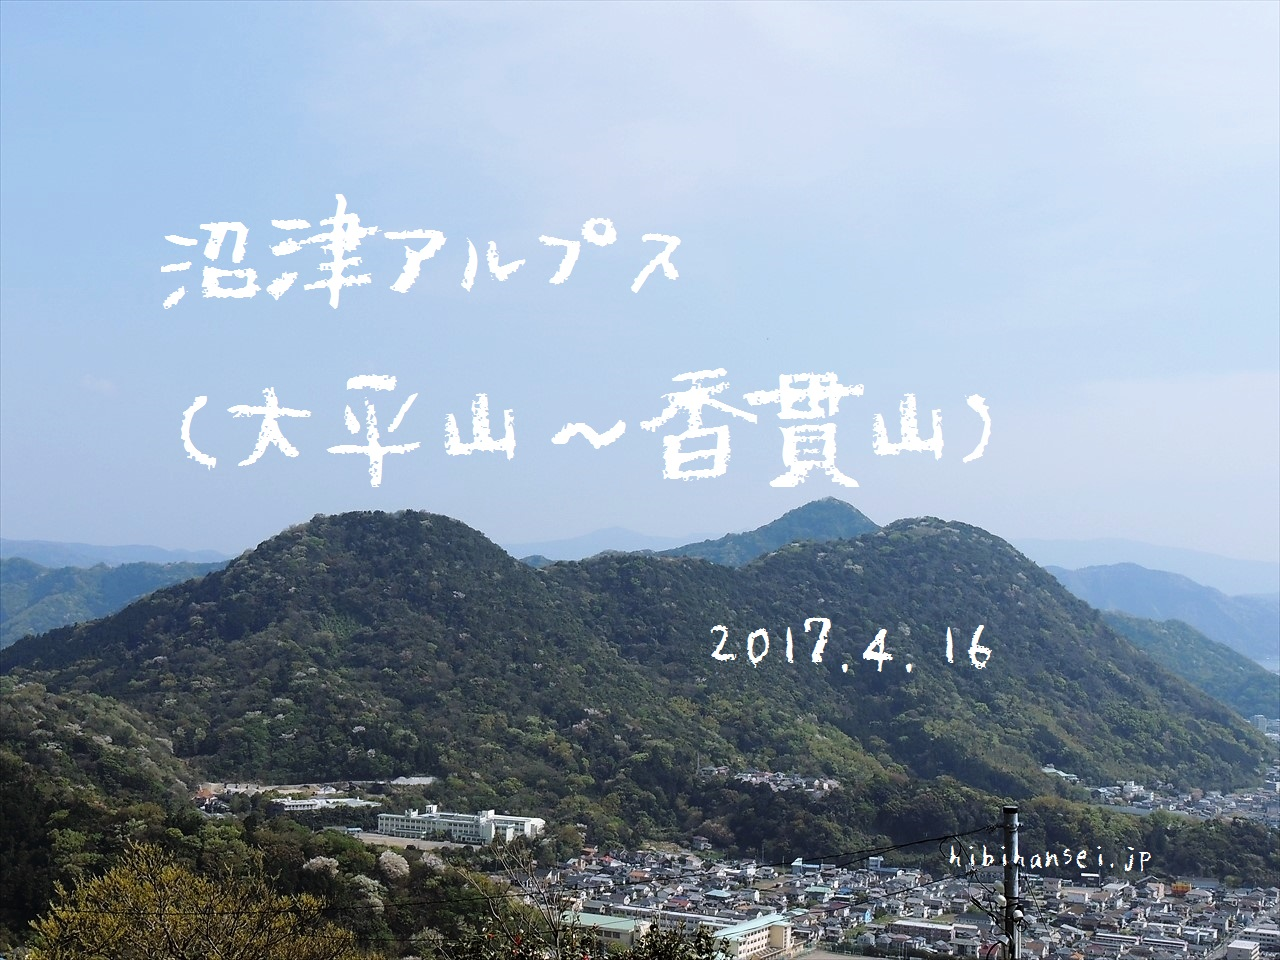 沼津アルプス 登山(大平山~香貫山) 海と富士山の絶景は花咲く峰(2017.4.16)